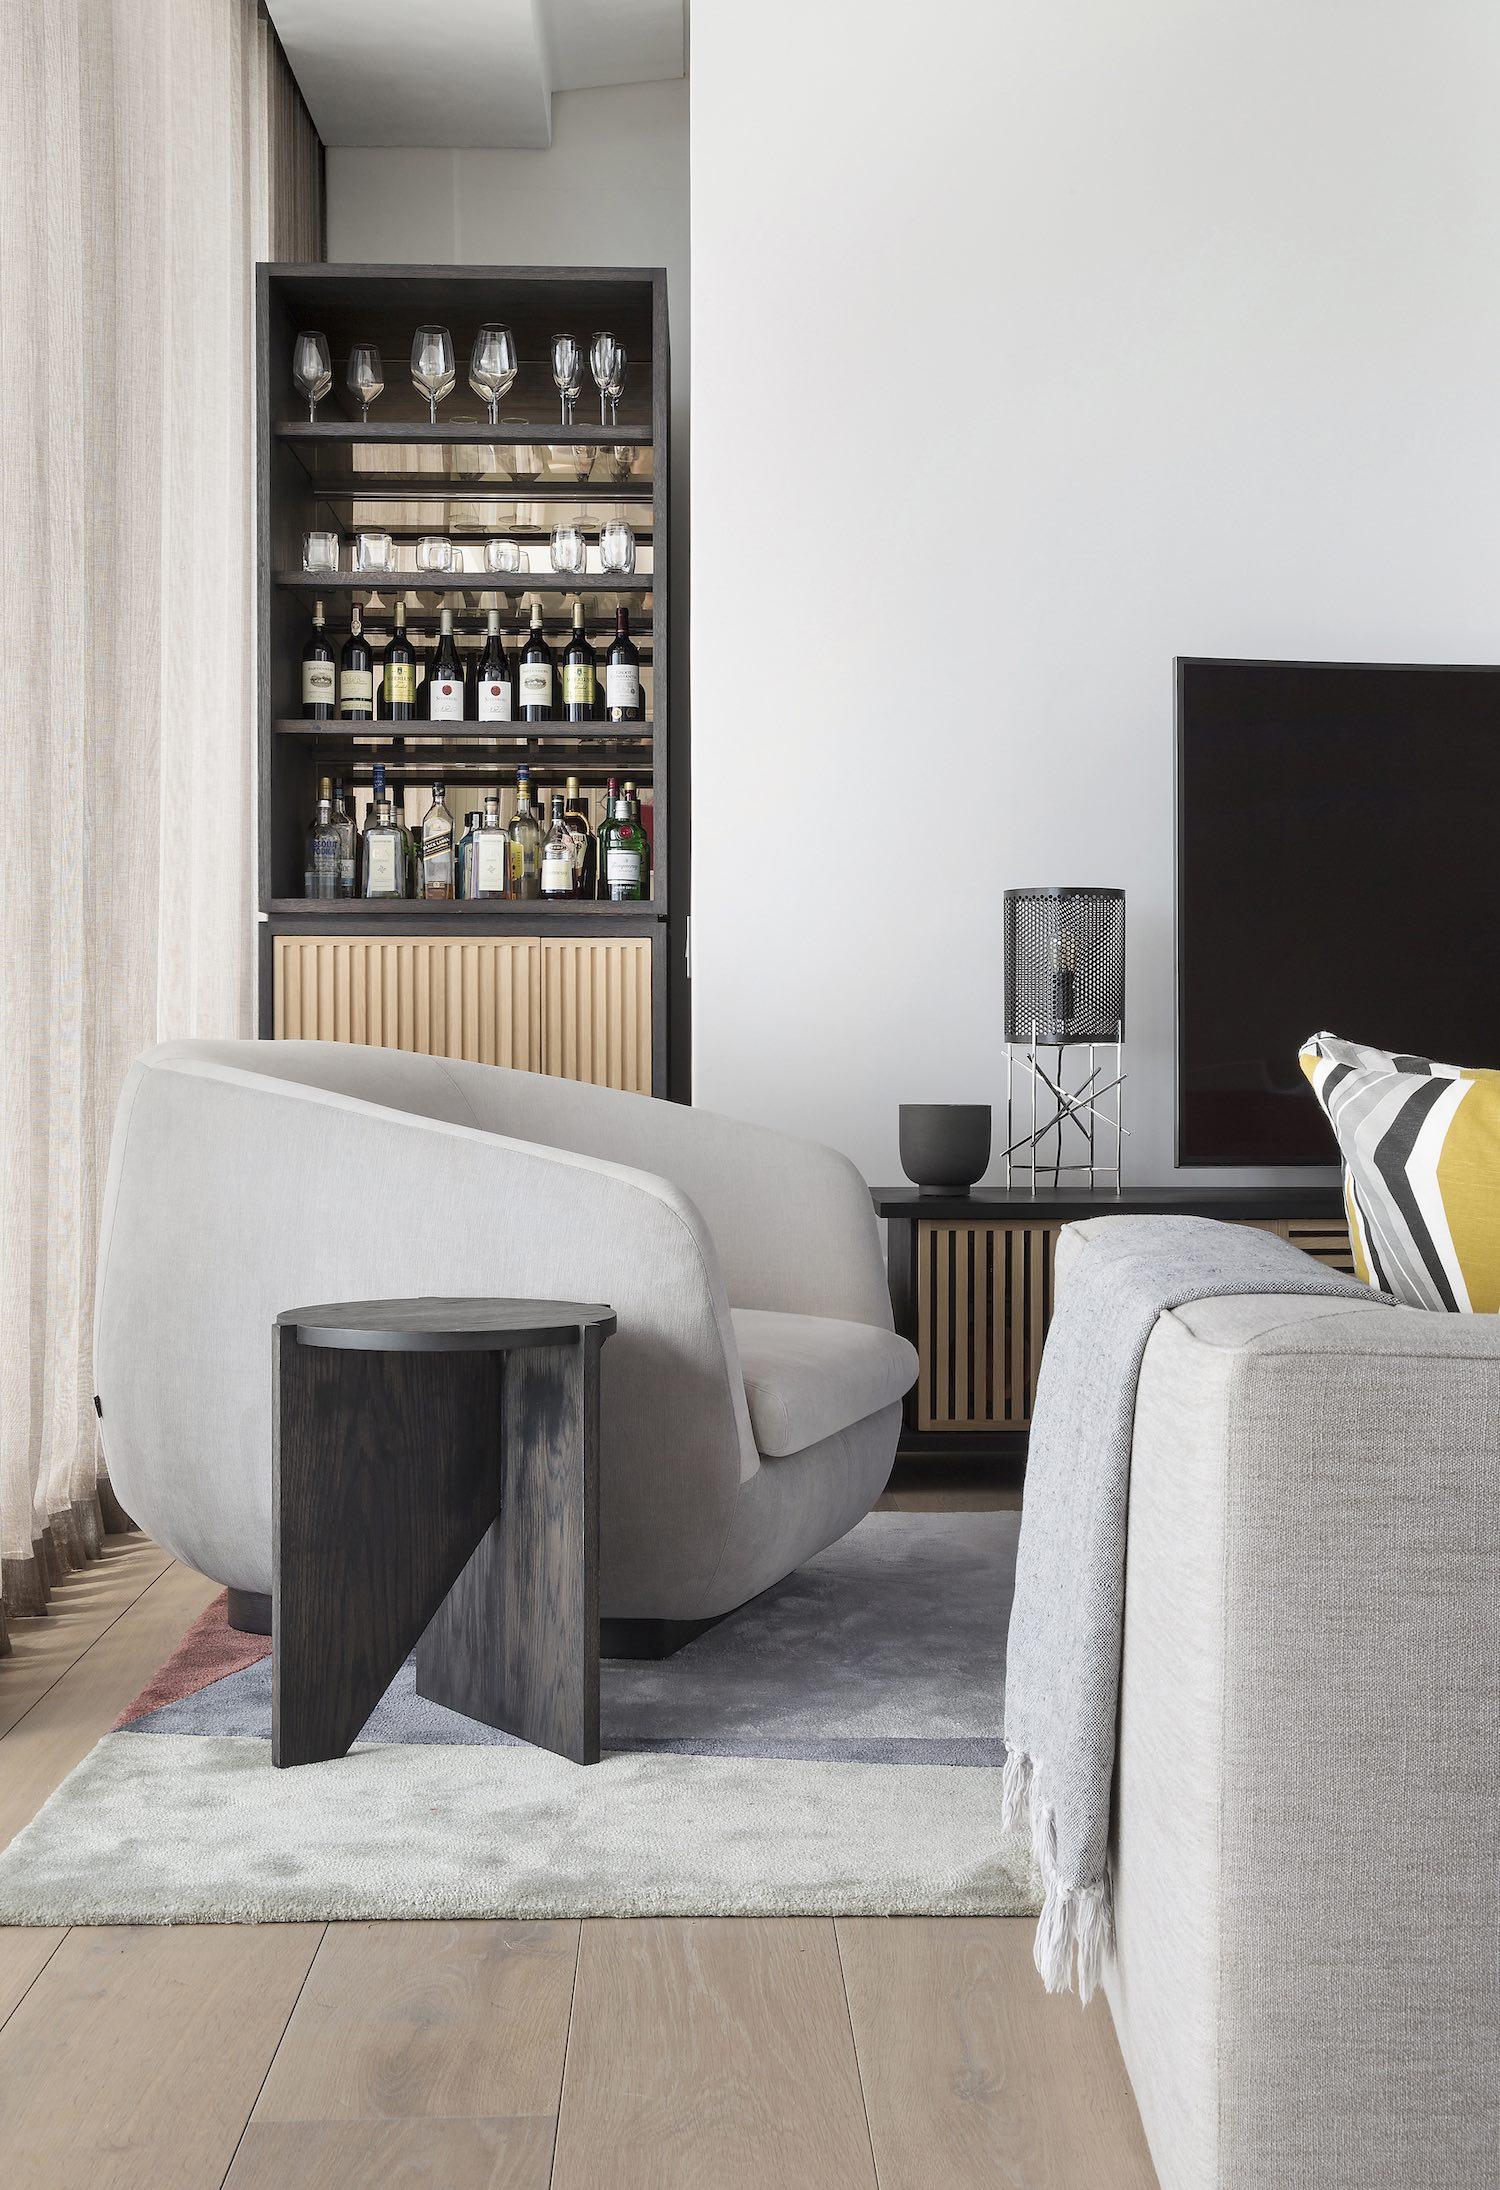 armchair near the cabin full of wine bottles